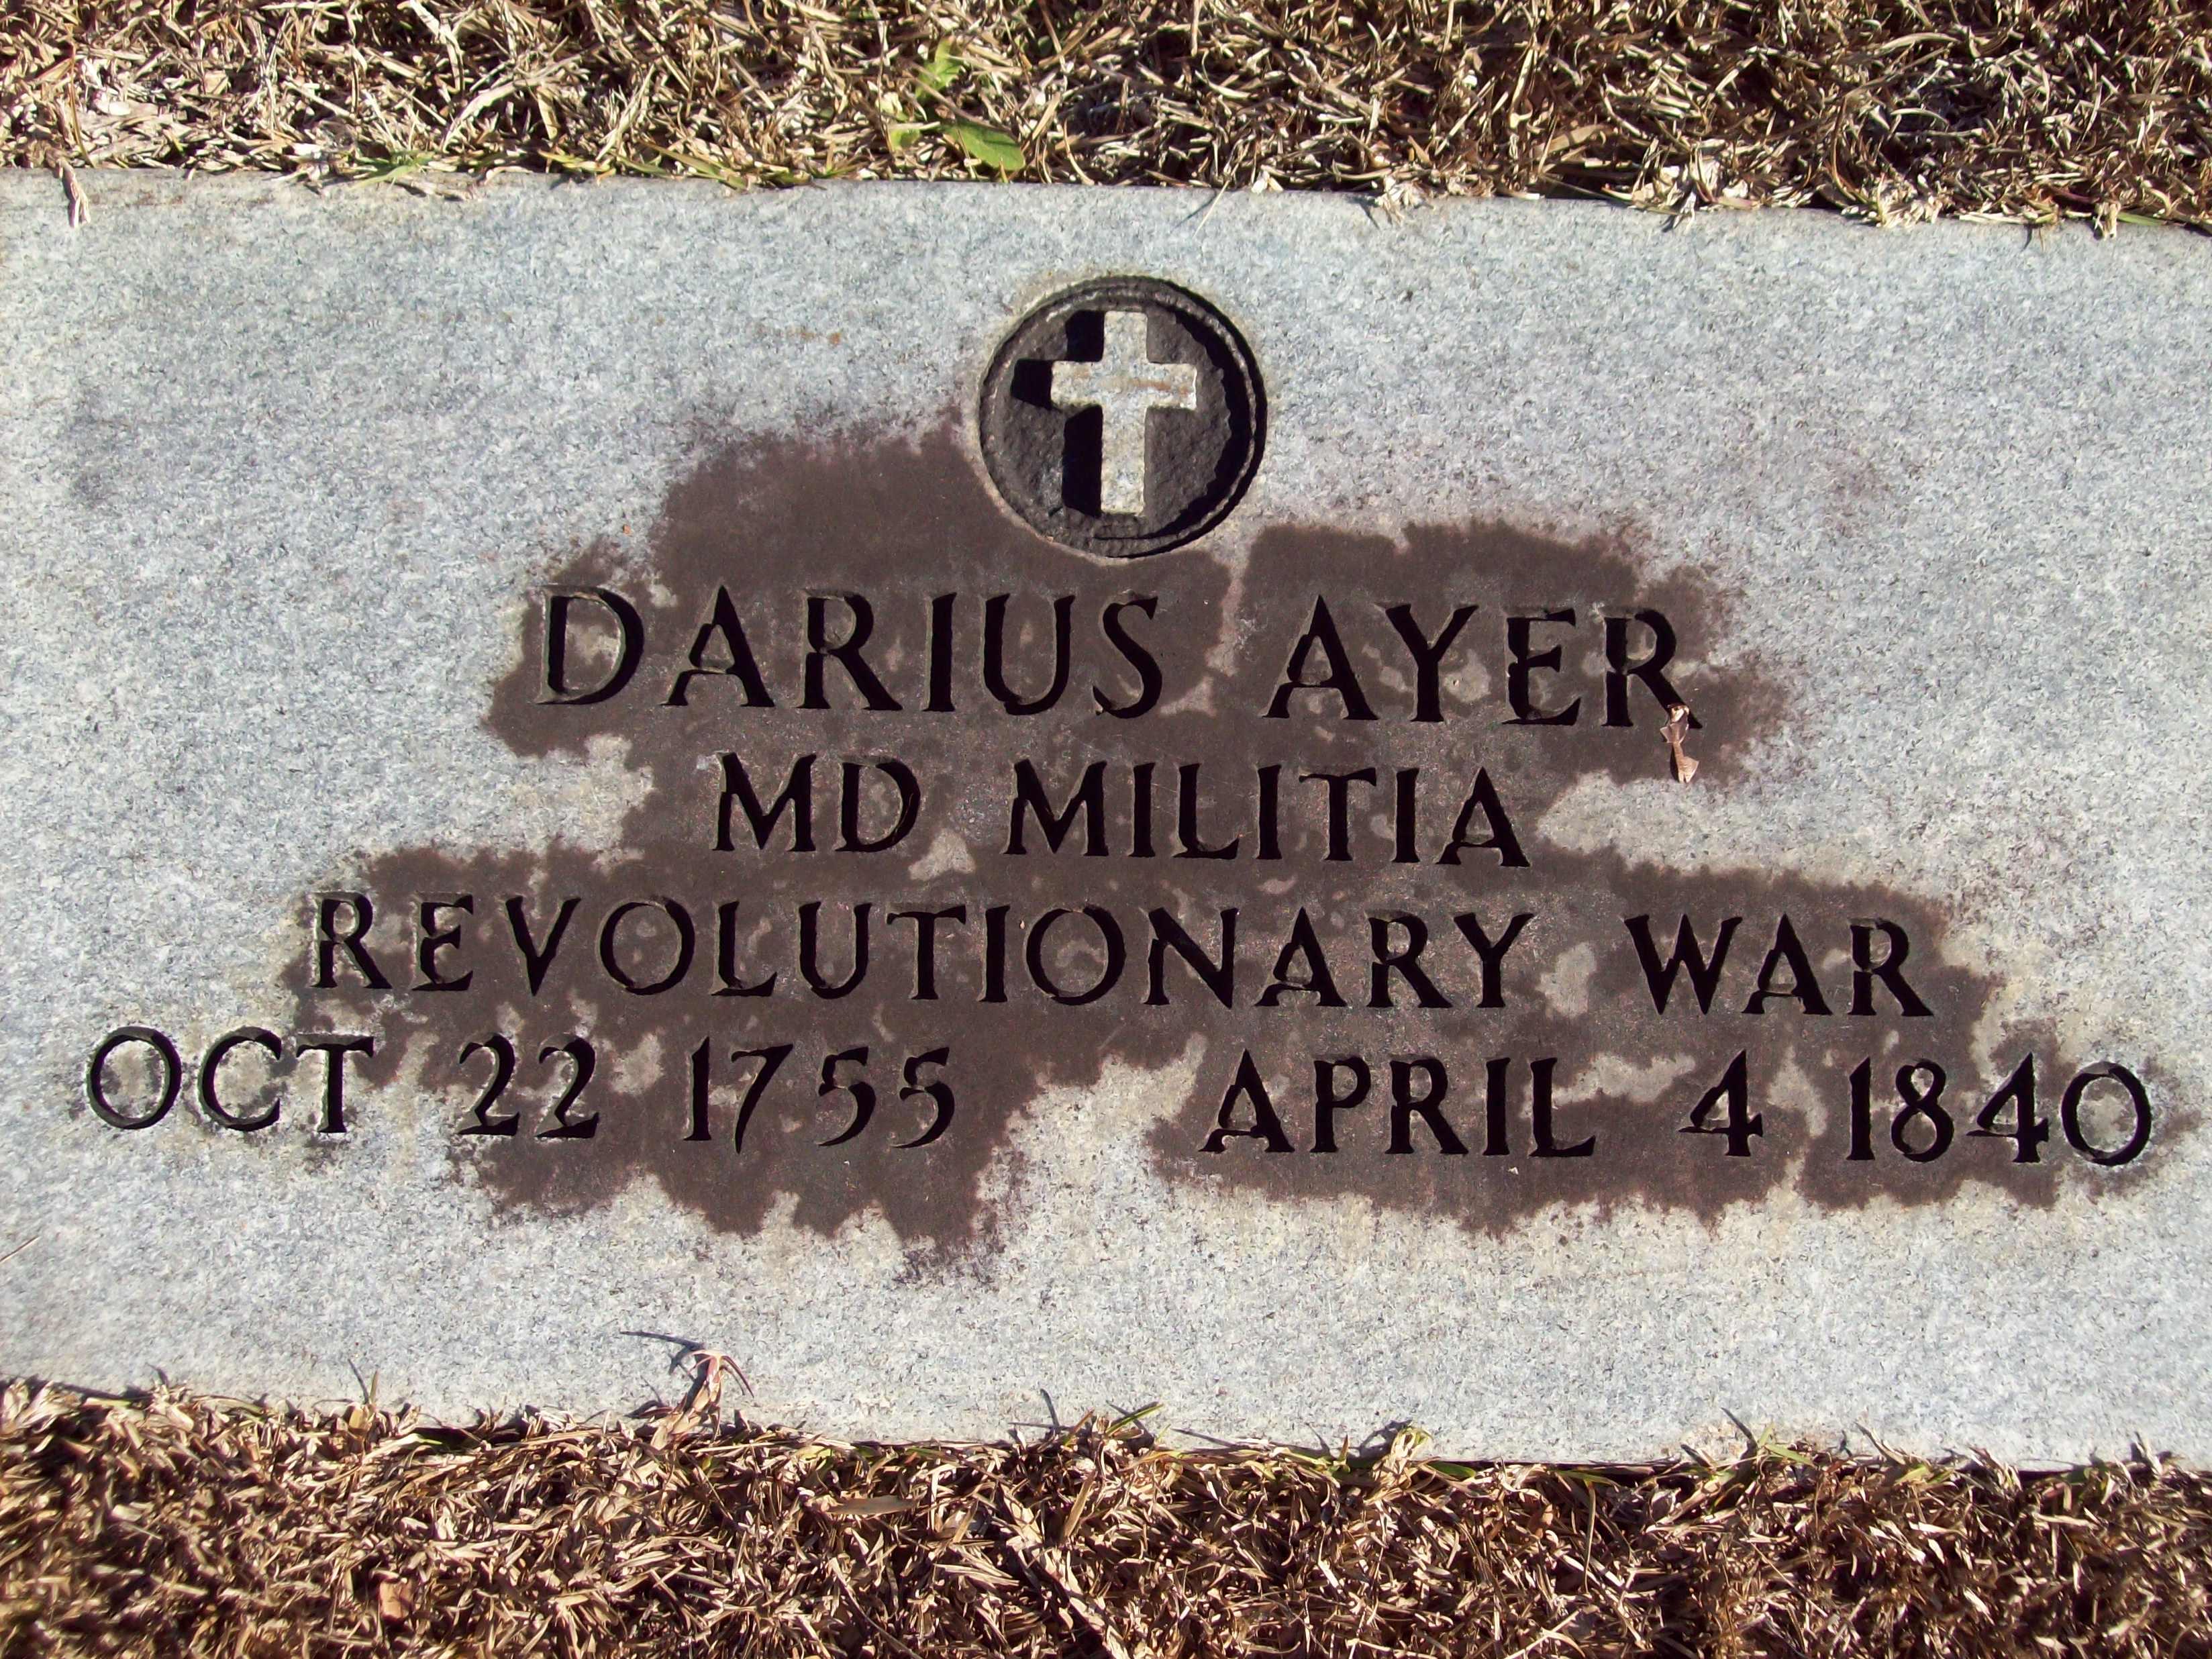 Darius Ayers